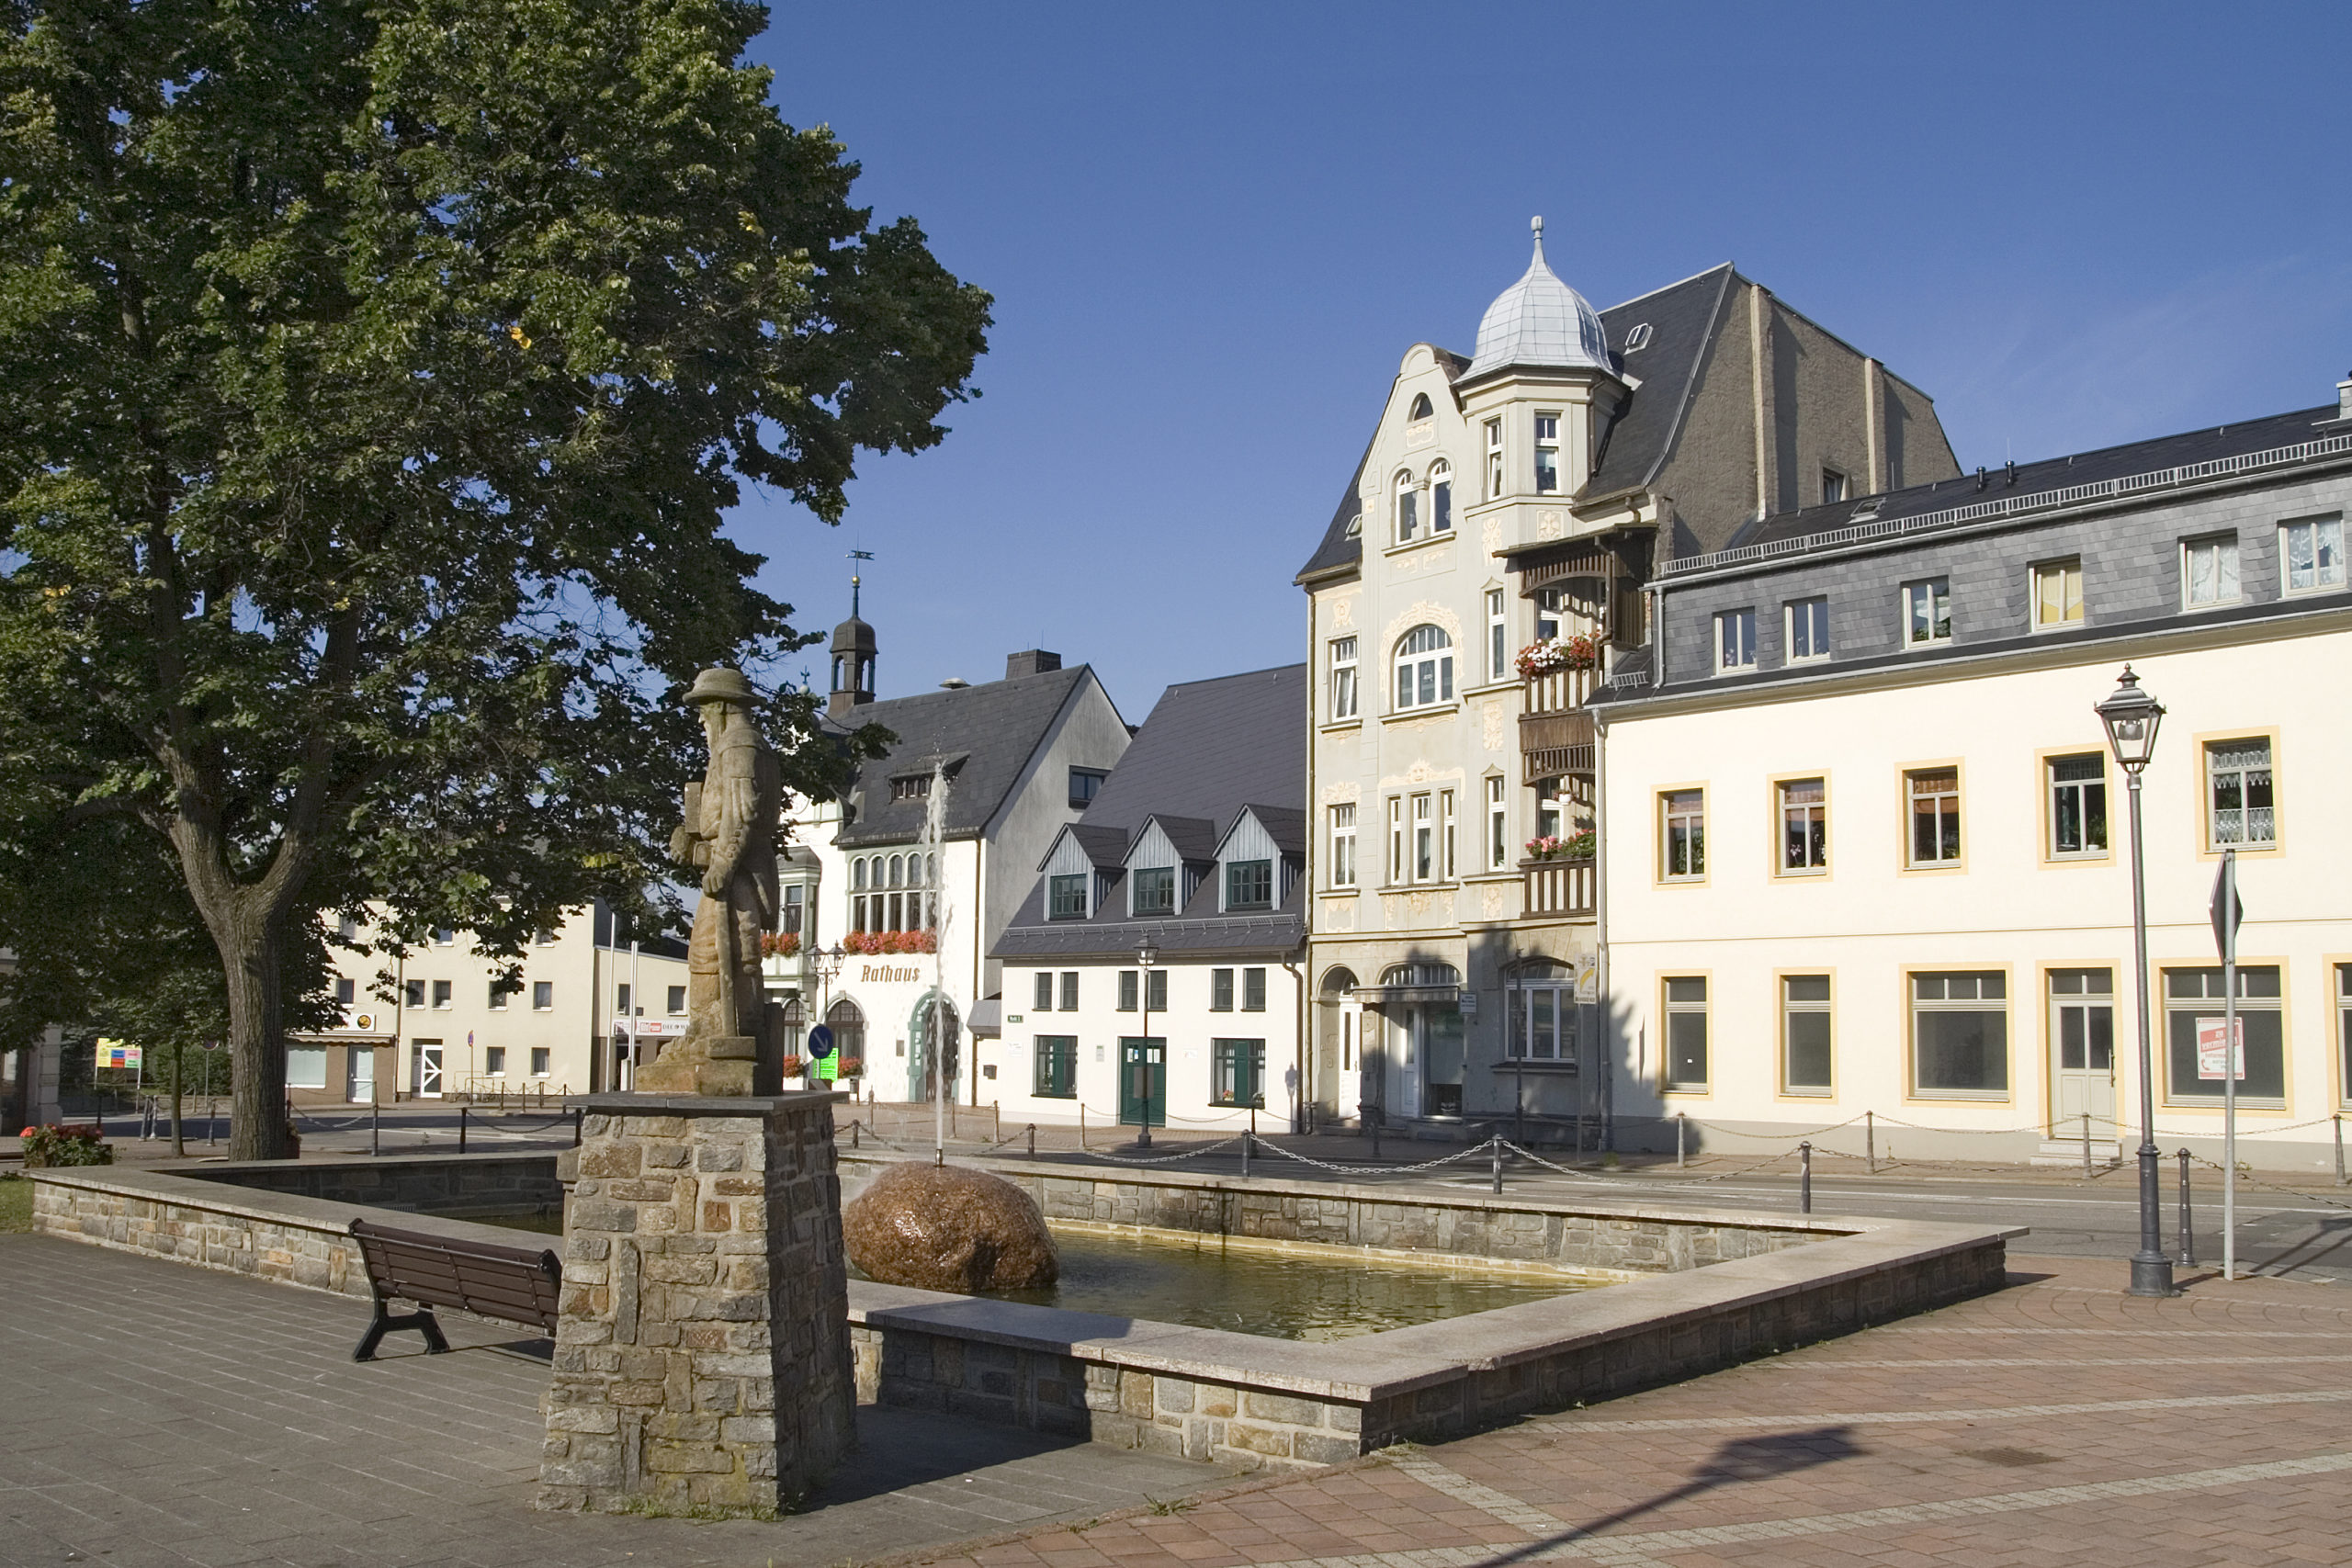 Einzelhandels- und Zentrenkonzept Brand-Erbisdorf